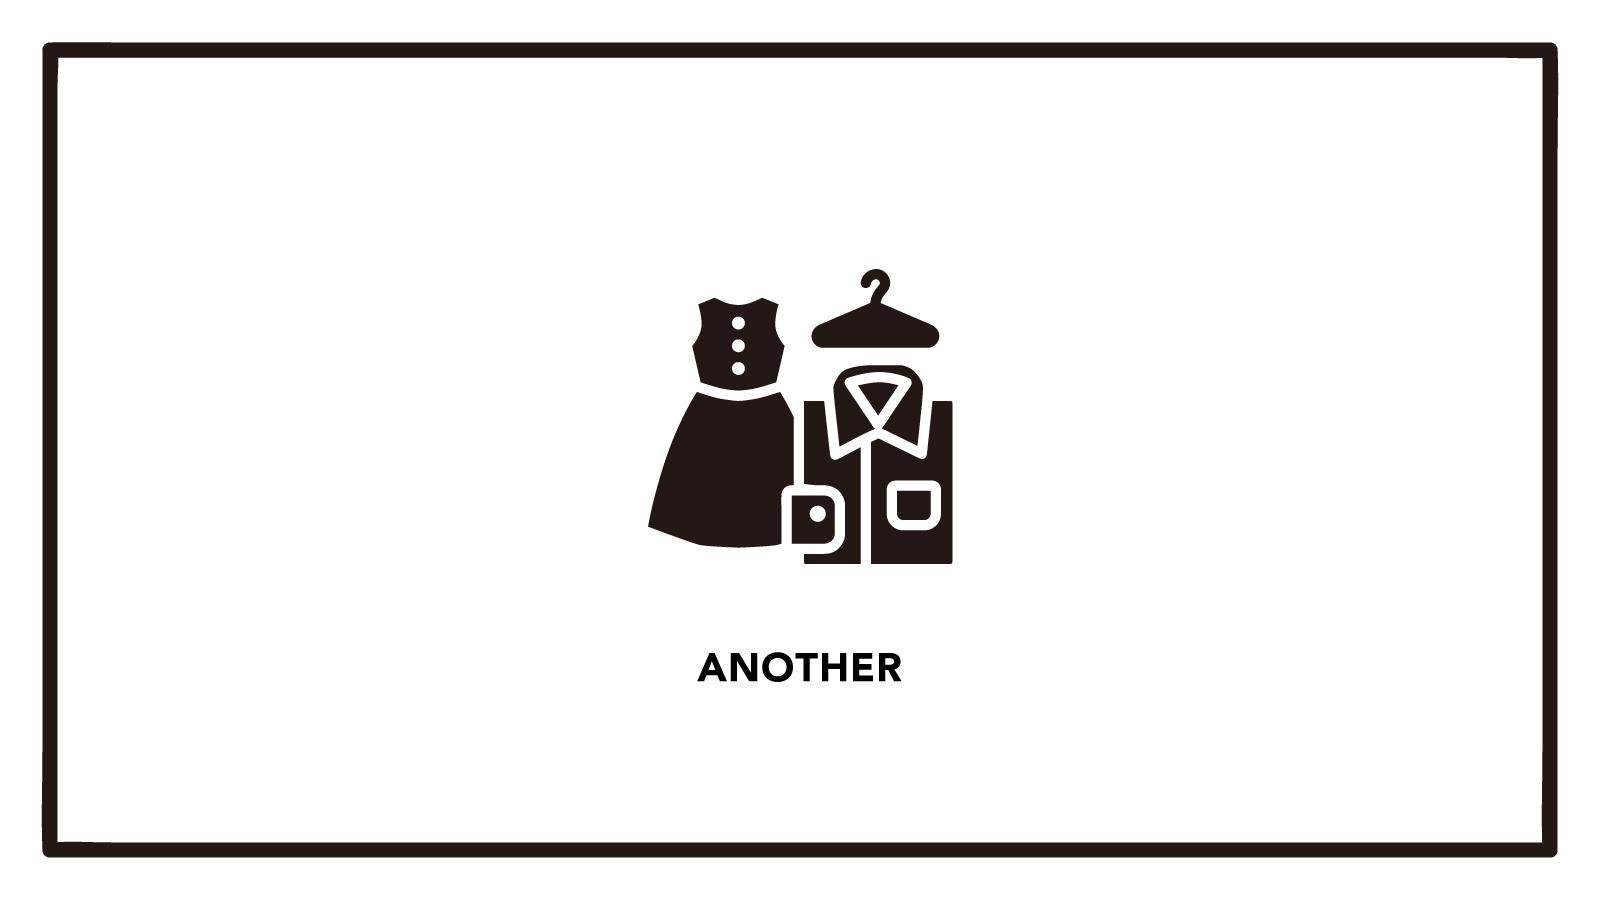 コスメブランドの製品企画/開発をお任せしますのカバー写真